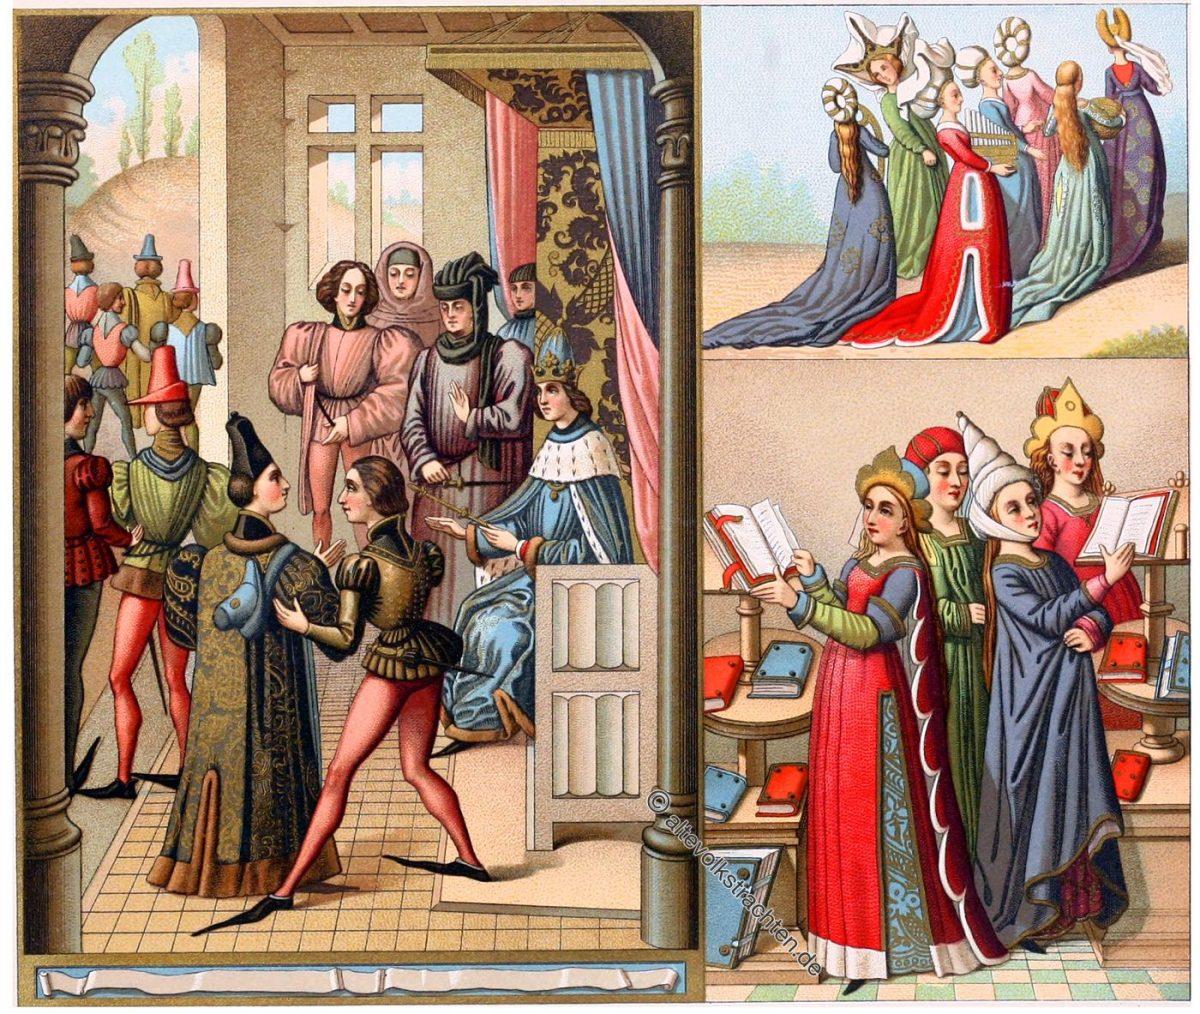 Chroniken des Froissart. Mittelalter Kostüme des 15. Jahrhundert. EINE FÜRSTLICHE VERSAMMLUNG. EIN DOKTOR DER RECHTE. FRAUENTRACHTEN.